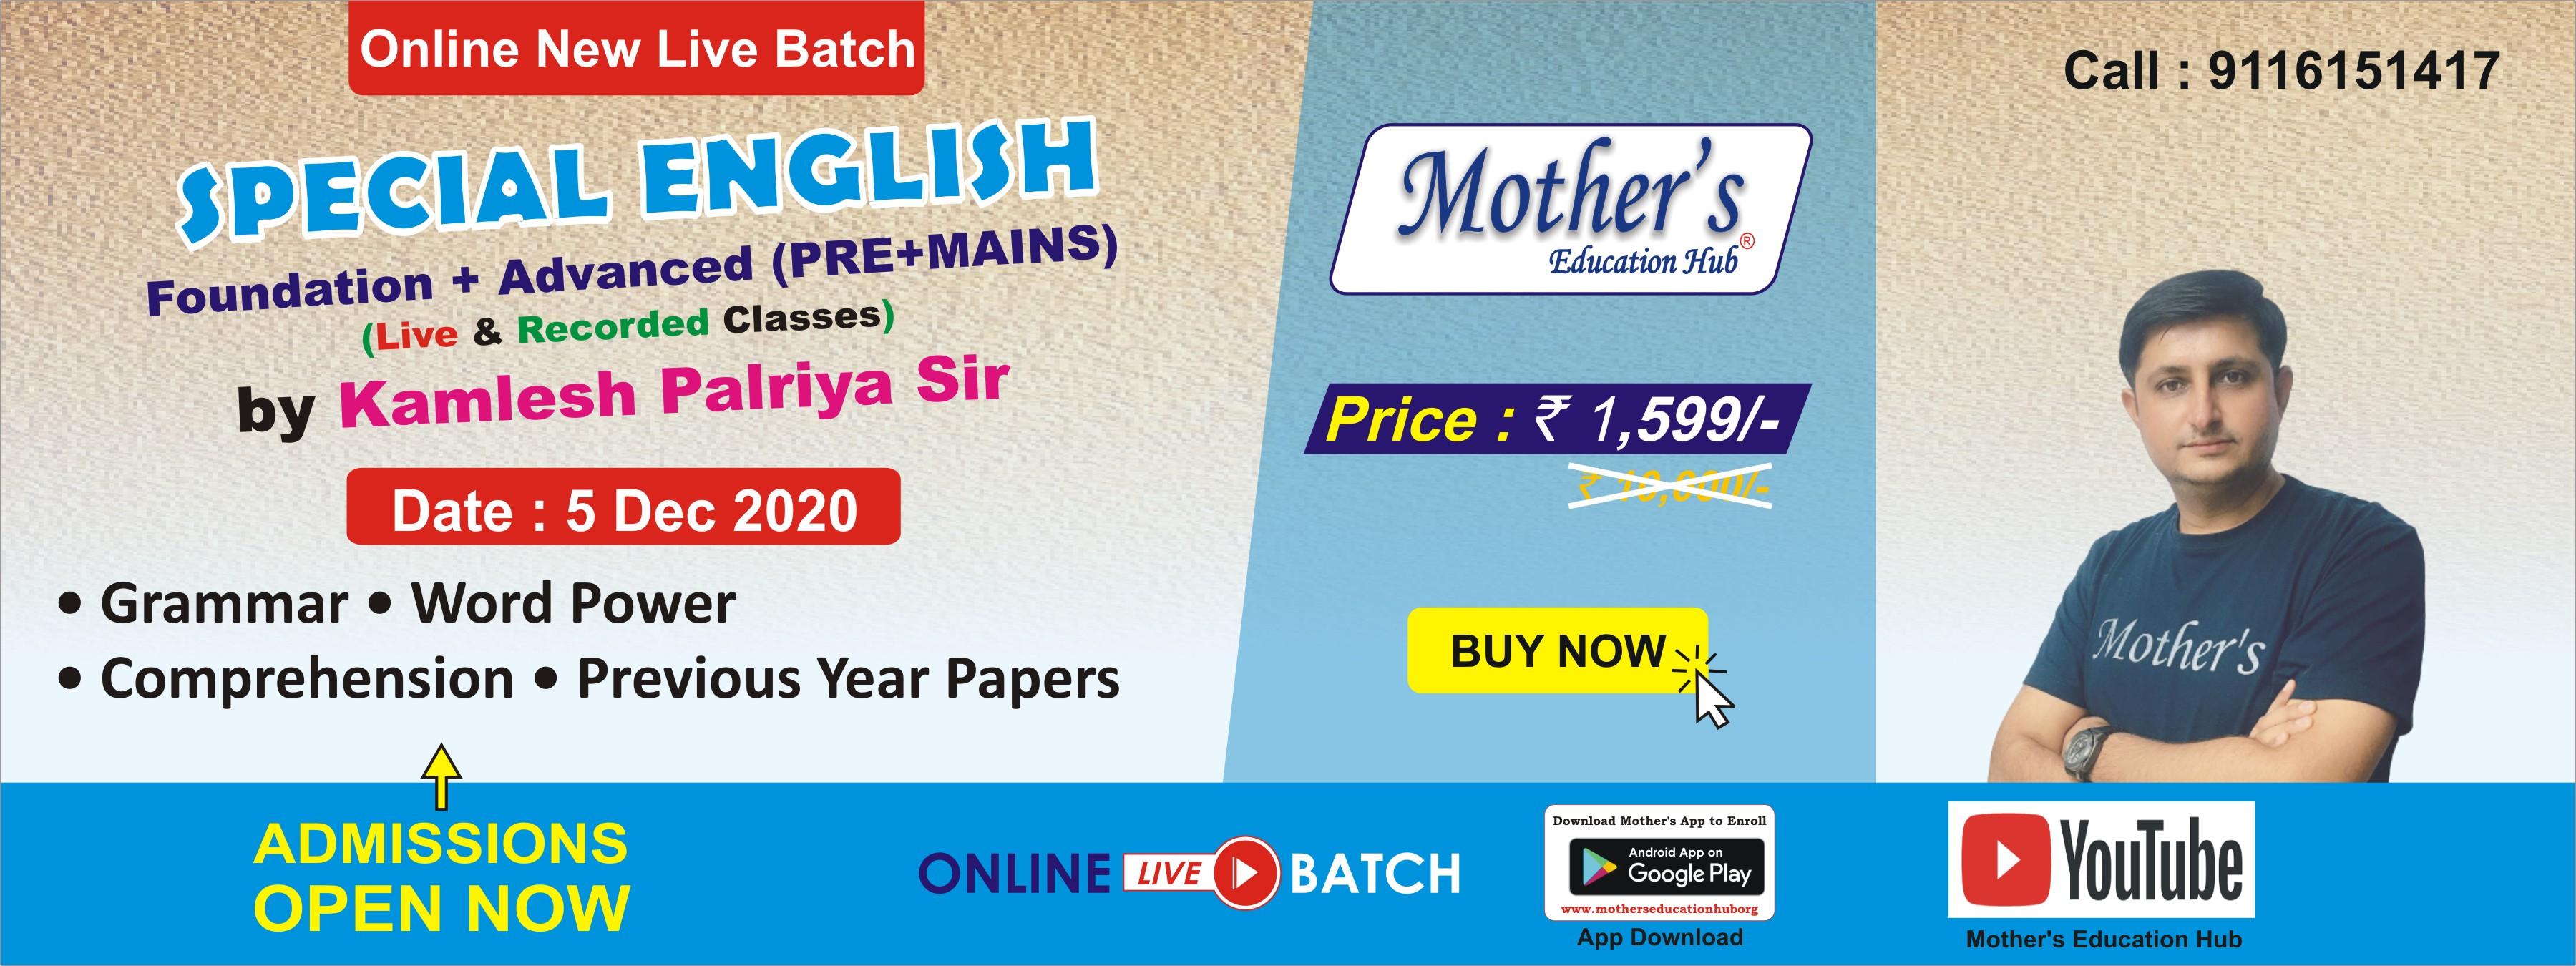 English Special (Kamlesh Palaria) Web